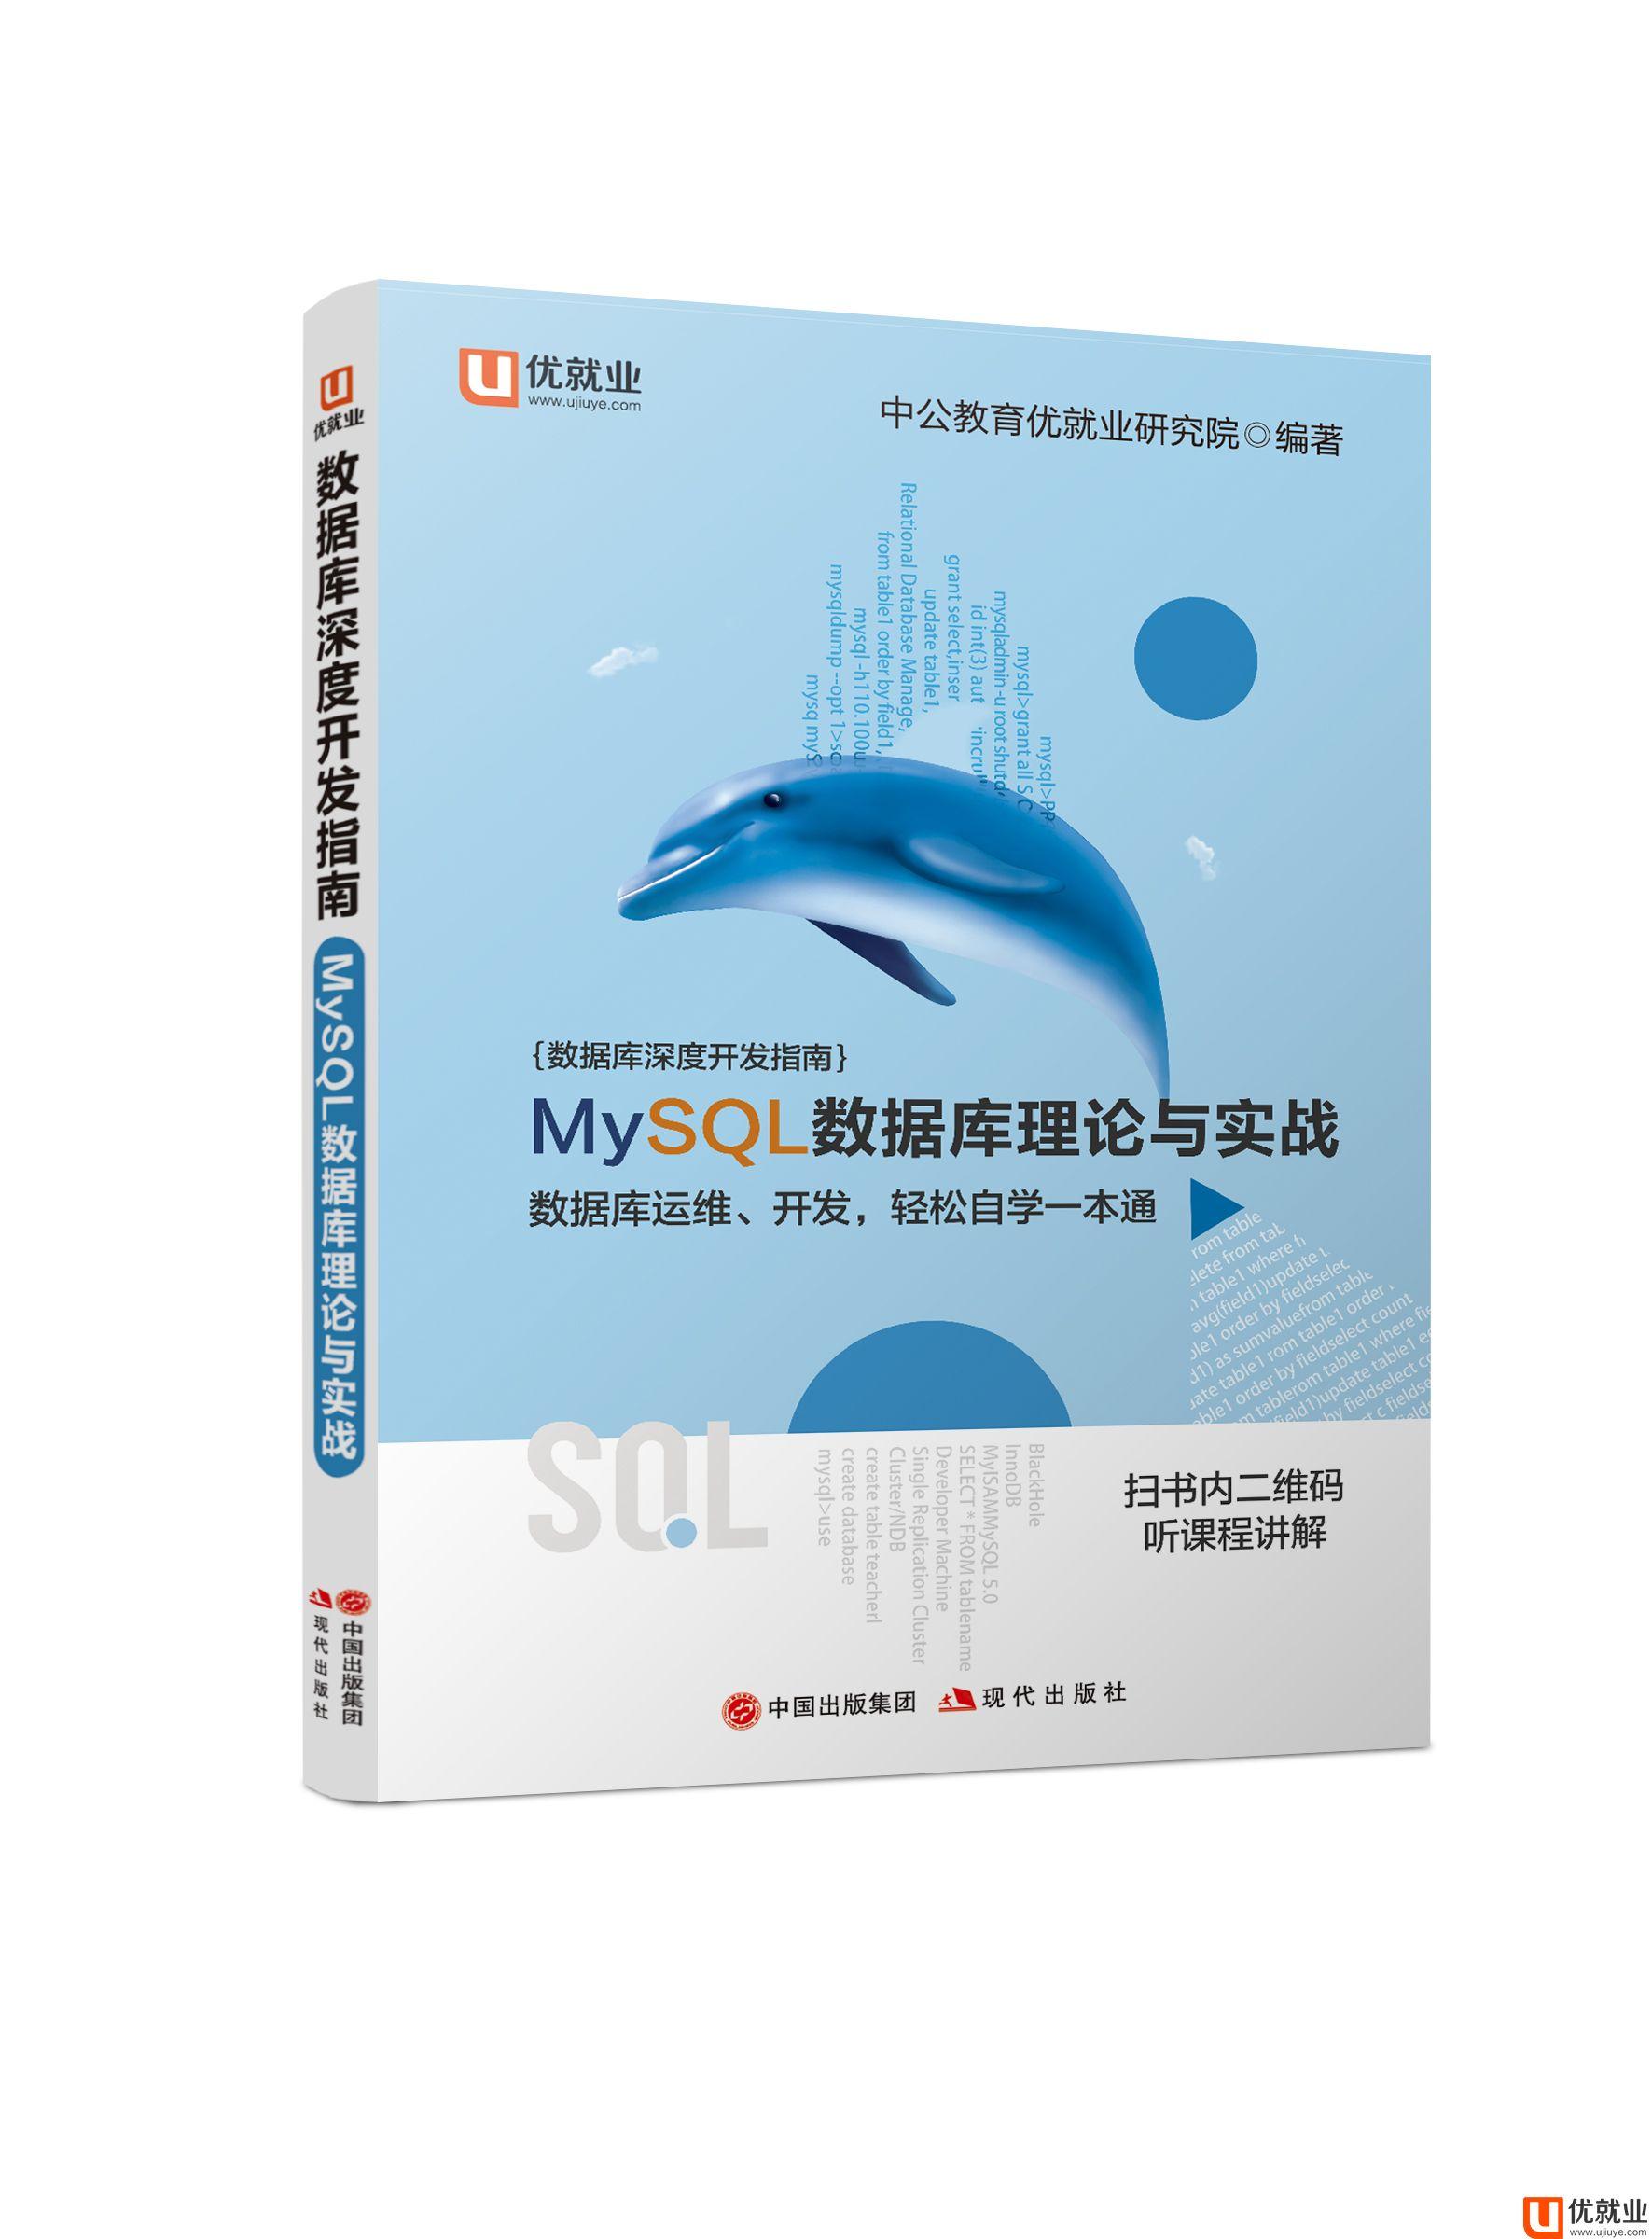 《据库深度开发指南:MySQL数据库理论与实战》今日开售!